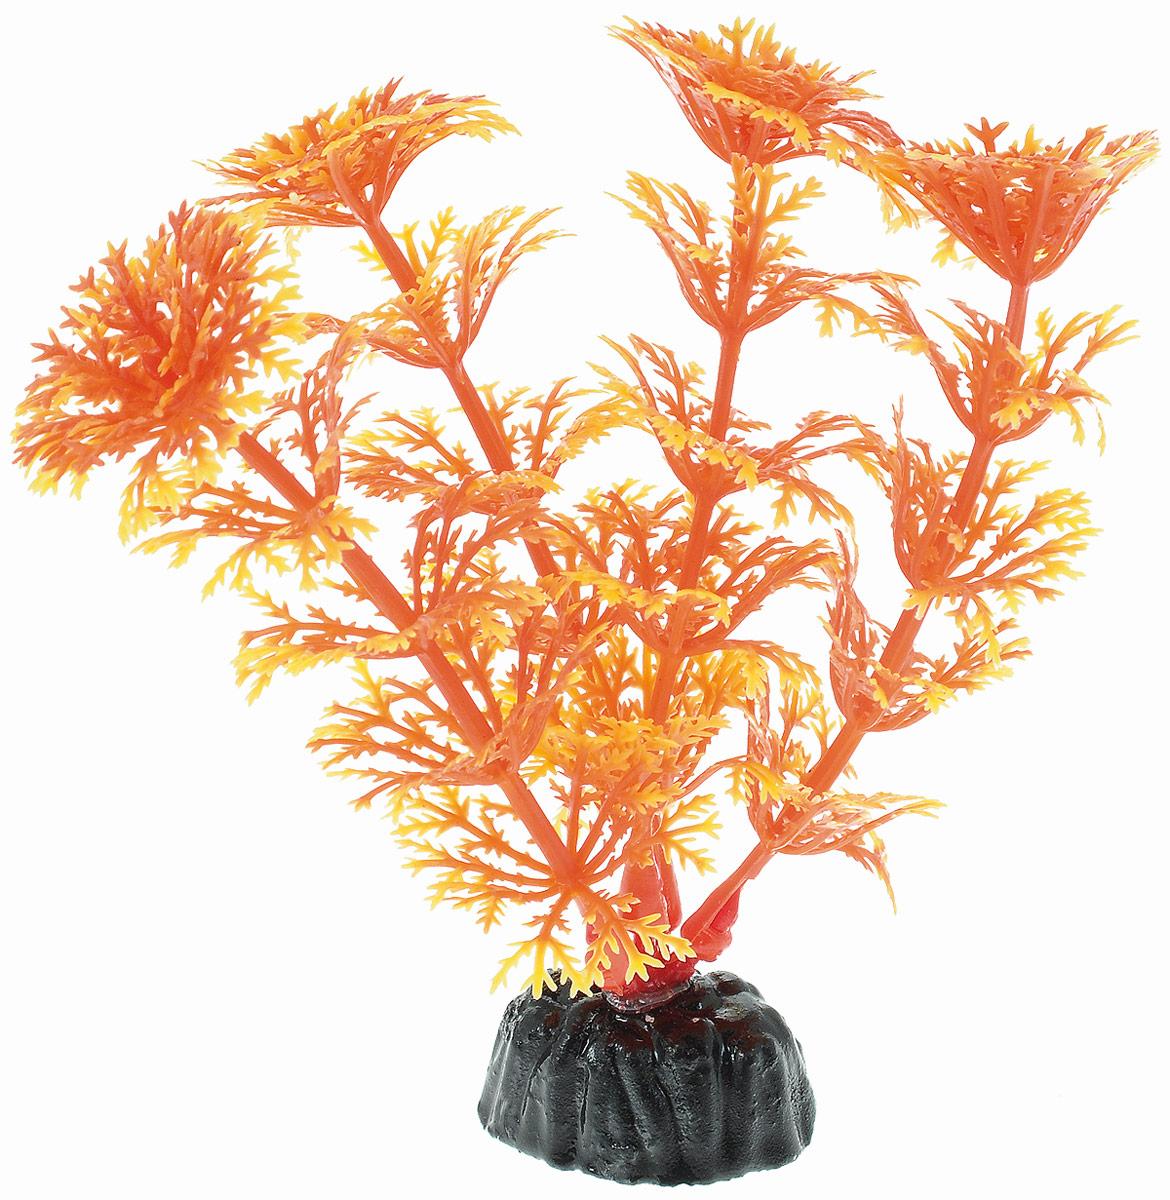 Растение для аквариума Barbus Кабомба, пластиковое, цвет: желто-оранжевый, высота 10 см0120710Растение Barbus Кабомба, выполненное из высококачественного нетоксичного пластика, станет оригинальным украшением вашего аквариума. Пластиковое растение идеально подходит для дизайна всех видов аквариумов. В воде происходит абсолютная имитация живых растений. Изделие не требует дополнительного ухода и просто в применении. Оно абсолютно безопасно, нейтрально к водному балансу, устойчиво к истиранию краски, подходит как для пресноводного, так и для морского аквариума. Растение для аквариума Barbus Кабомба поможет вам смоделировать потрясающий пейзаж на дне вашего аквариума.Высота растения: 10 см.